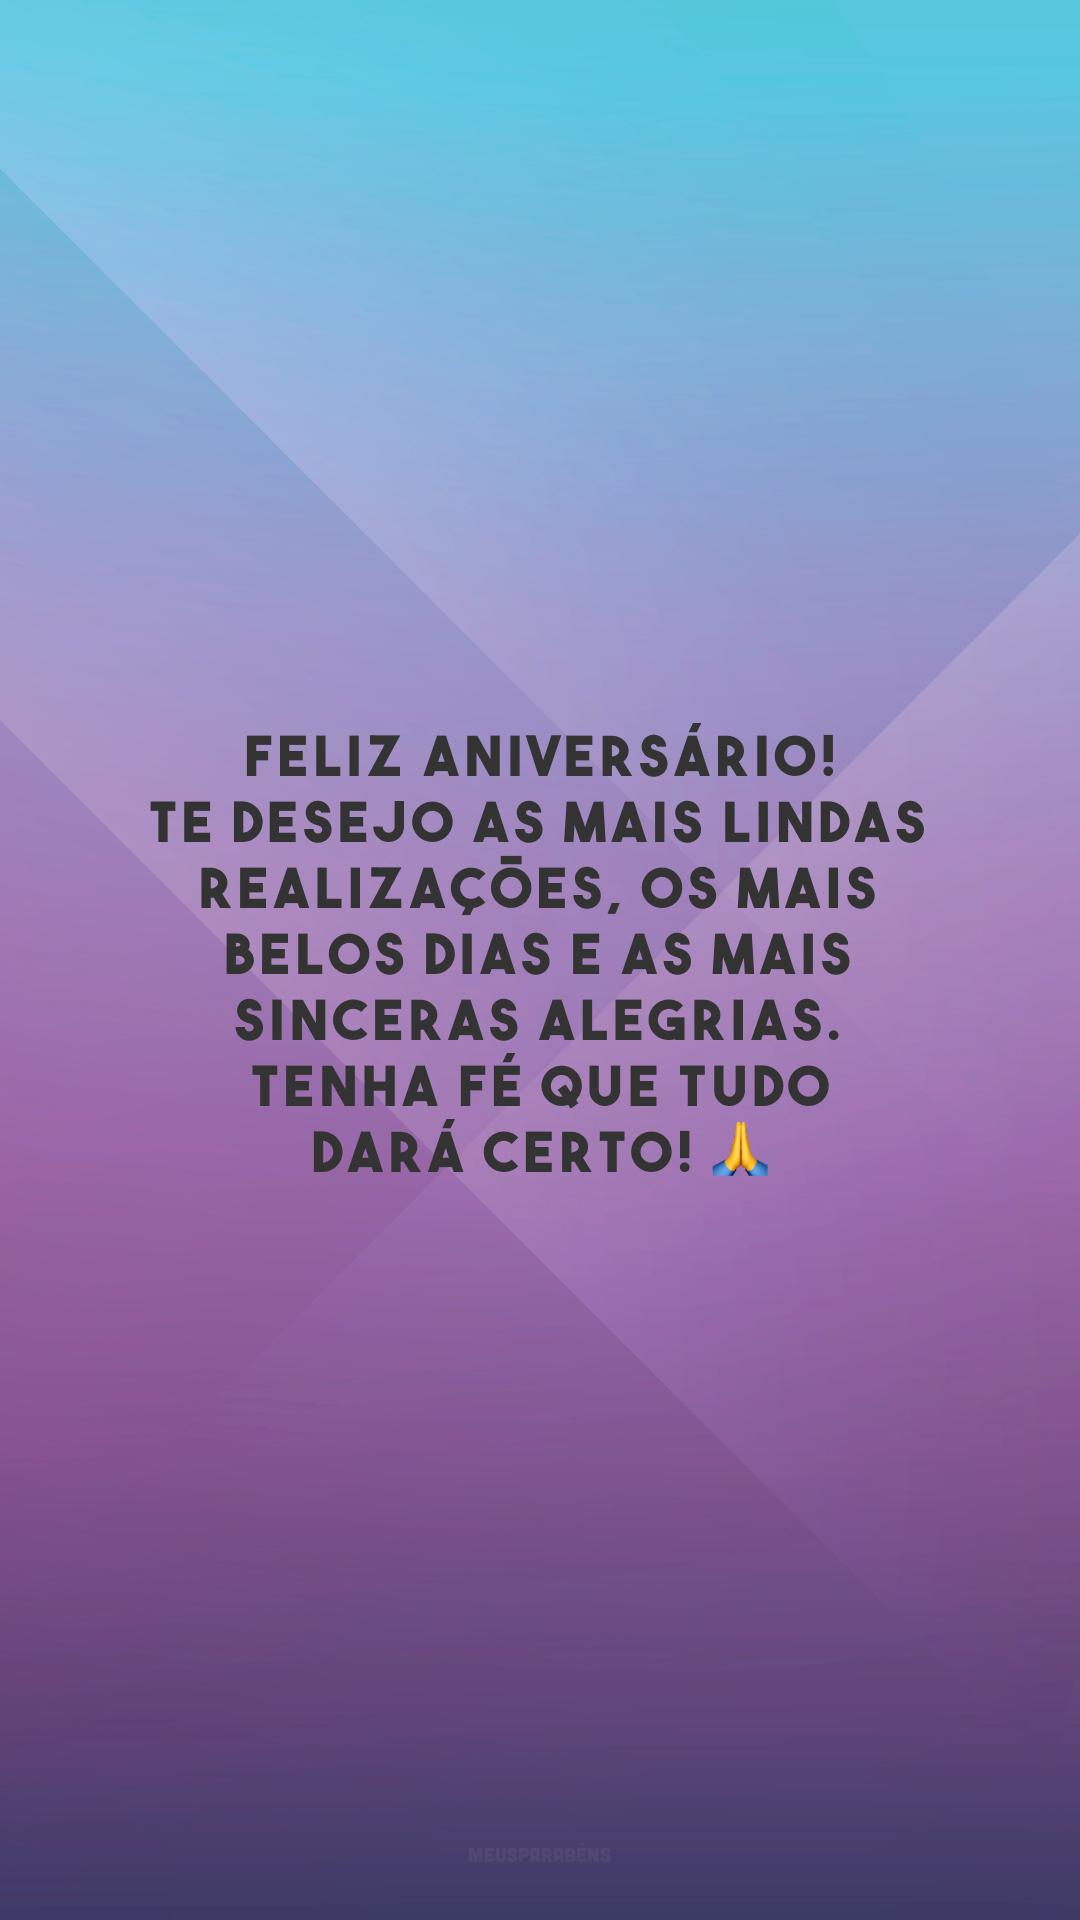 Feliz aniversário! Te desejo as mais lindas realizações, os mais belos dias e as mais sinceras alegrias. Tenha fé que tudo dará certo! 🙏